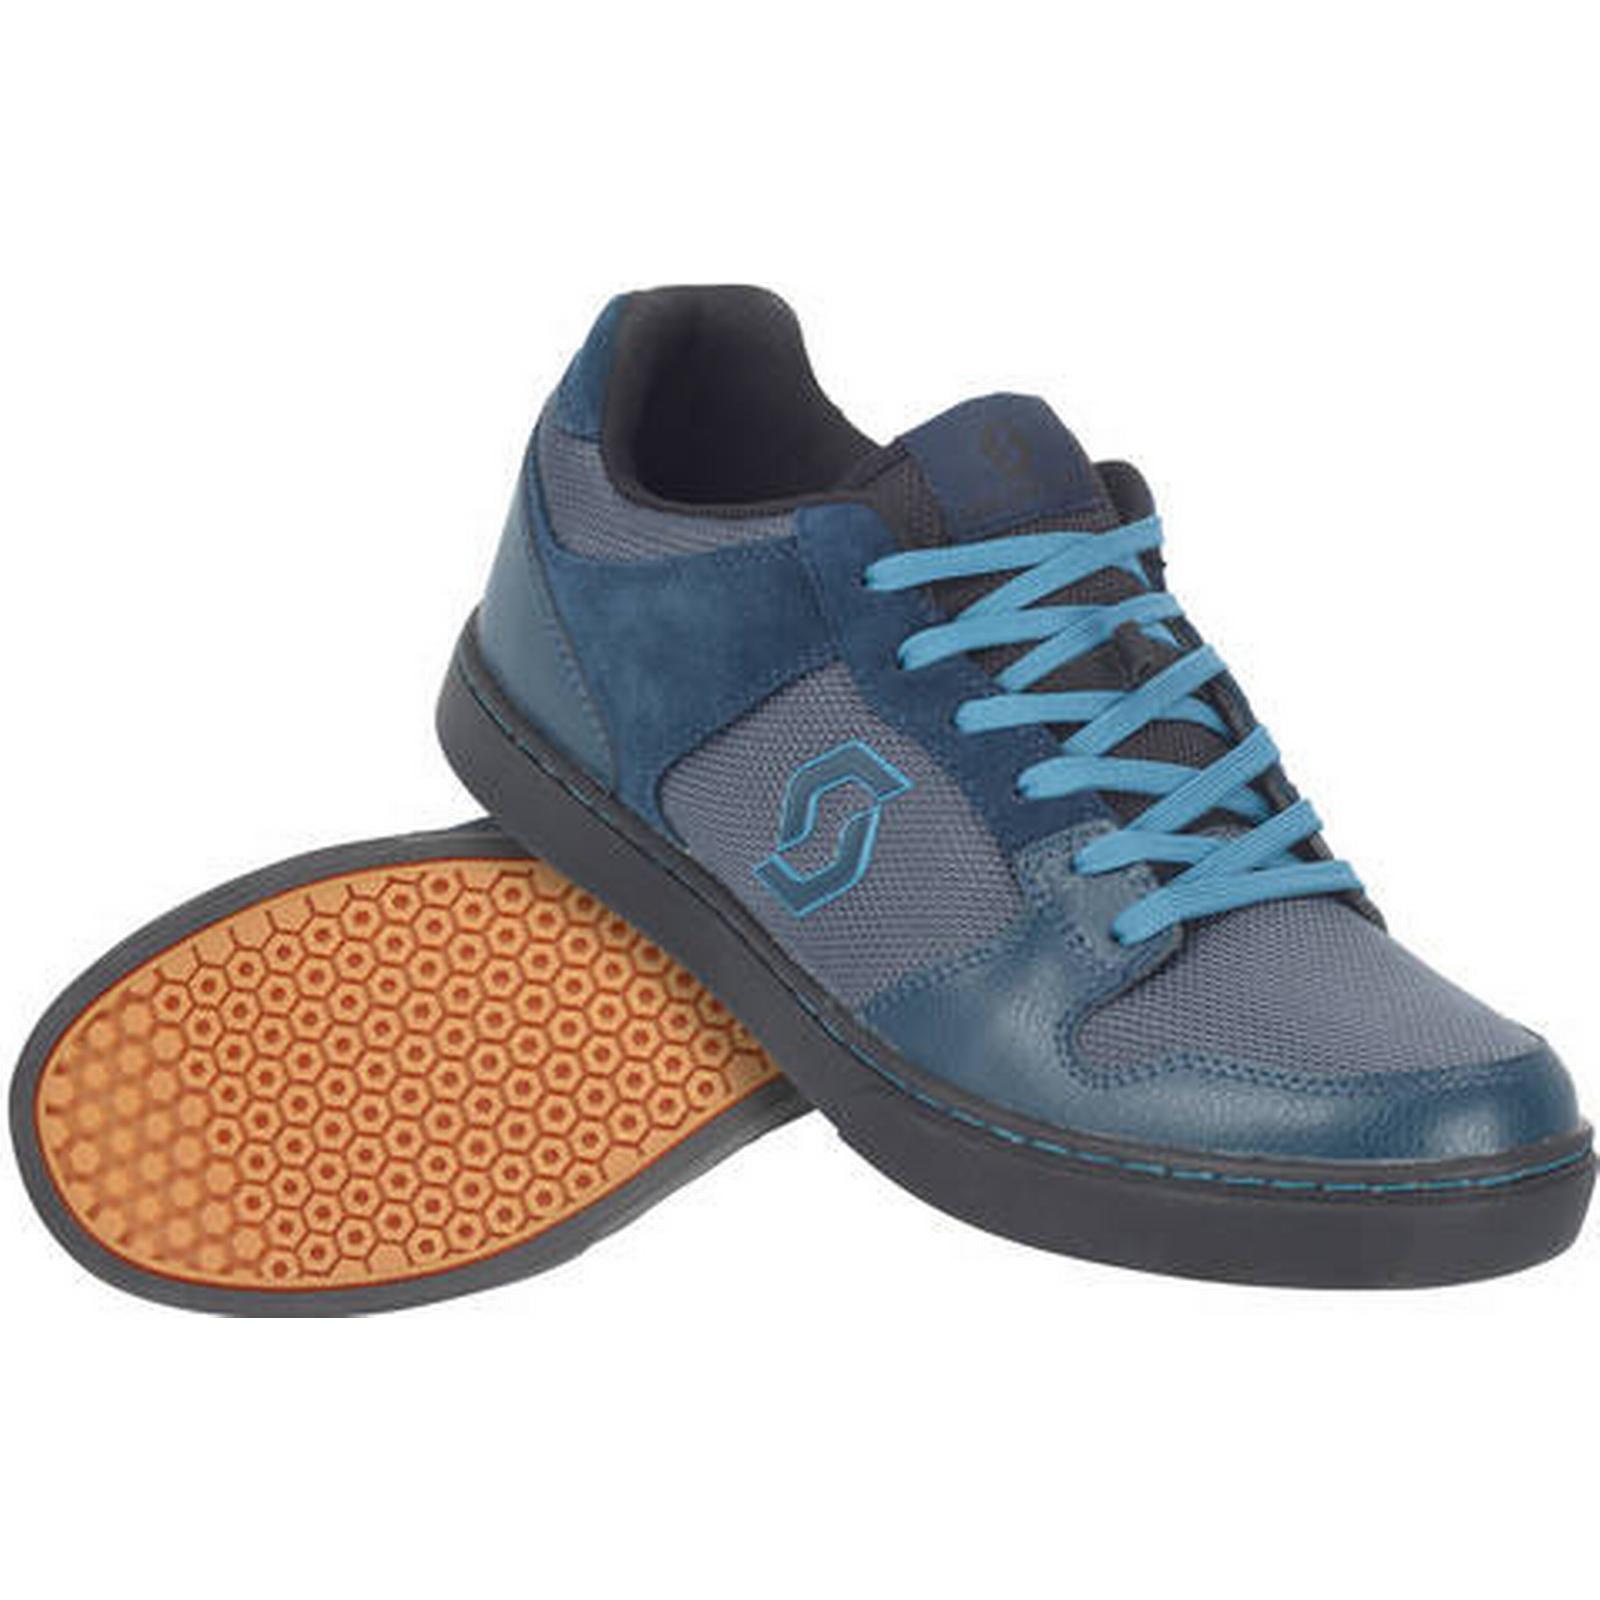 Scott FR | 10 Flat Cycling Shoes | FR Blue/Black - 46 d02b09